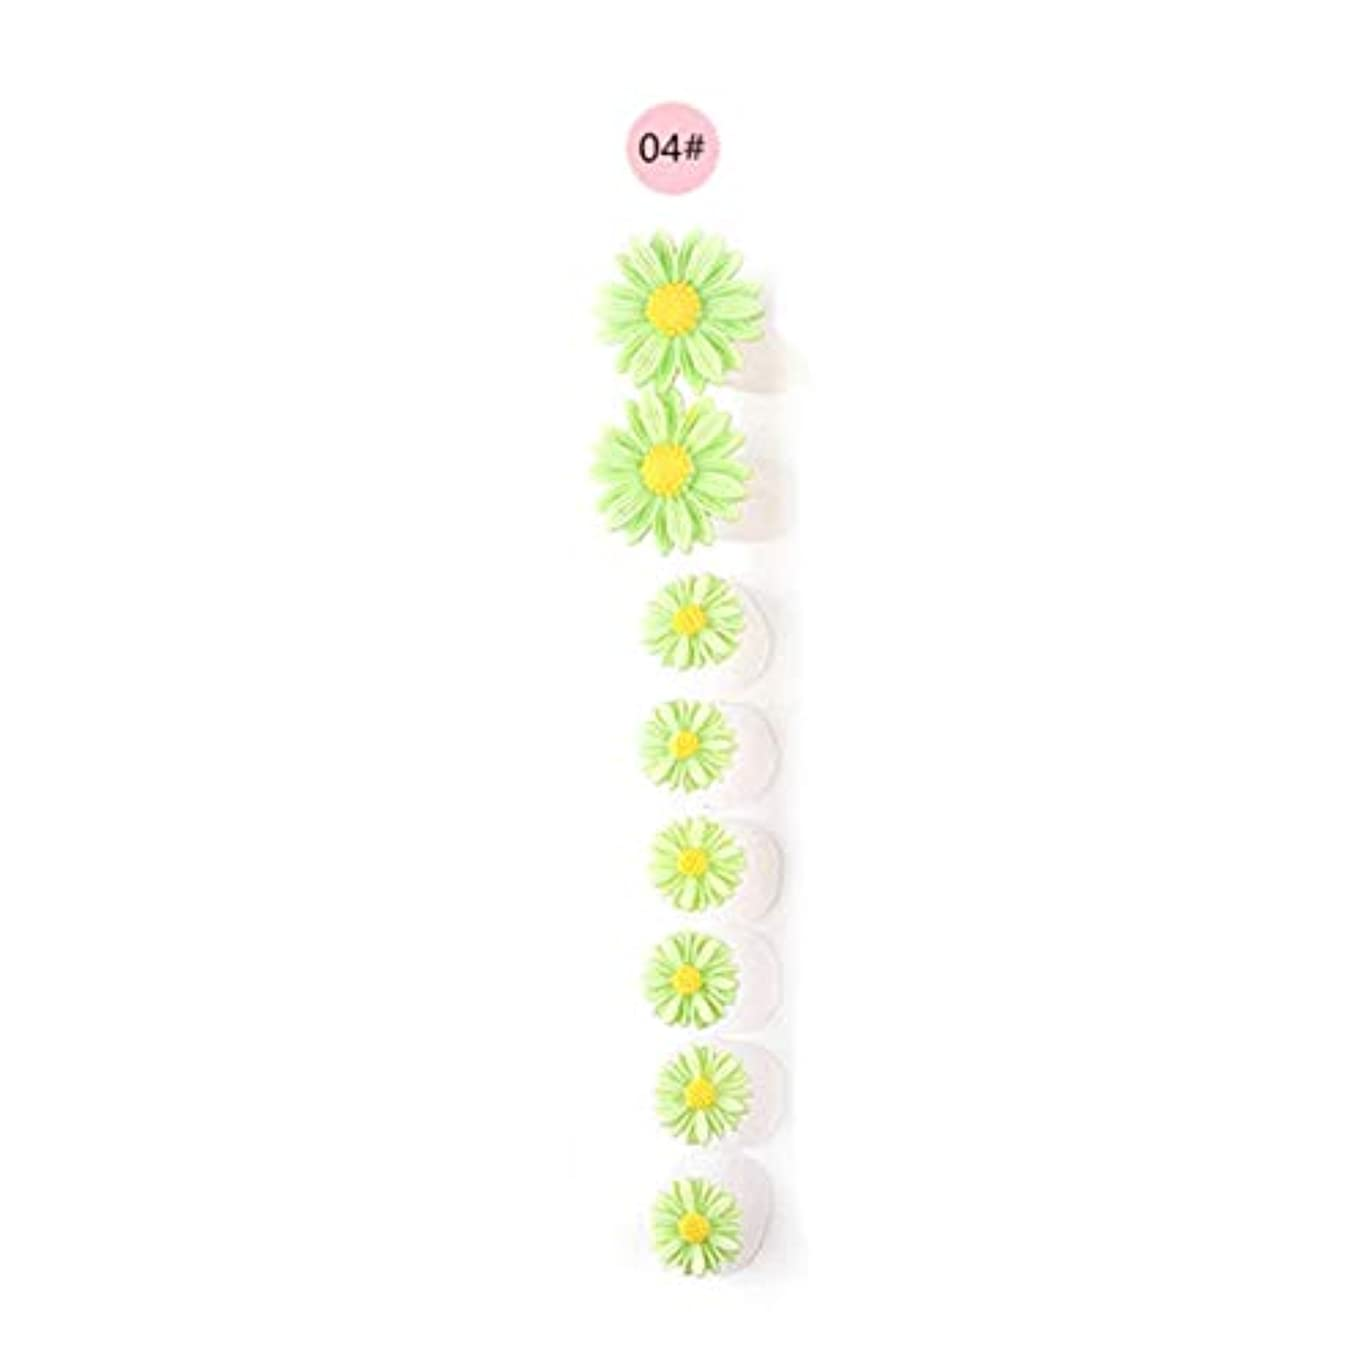 サーフィン正義浸食8ピース/セットシリコンつま先セパレーター足つま先スペーサー花形ペディキュアDIYネイルアートツール-カラフル04#